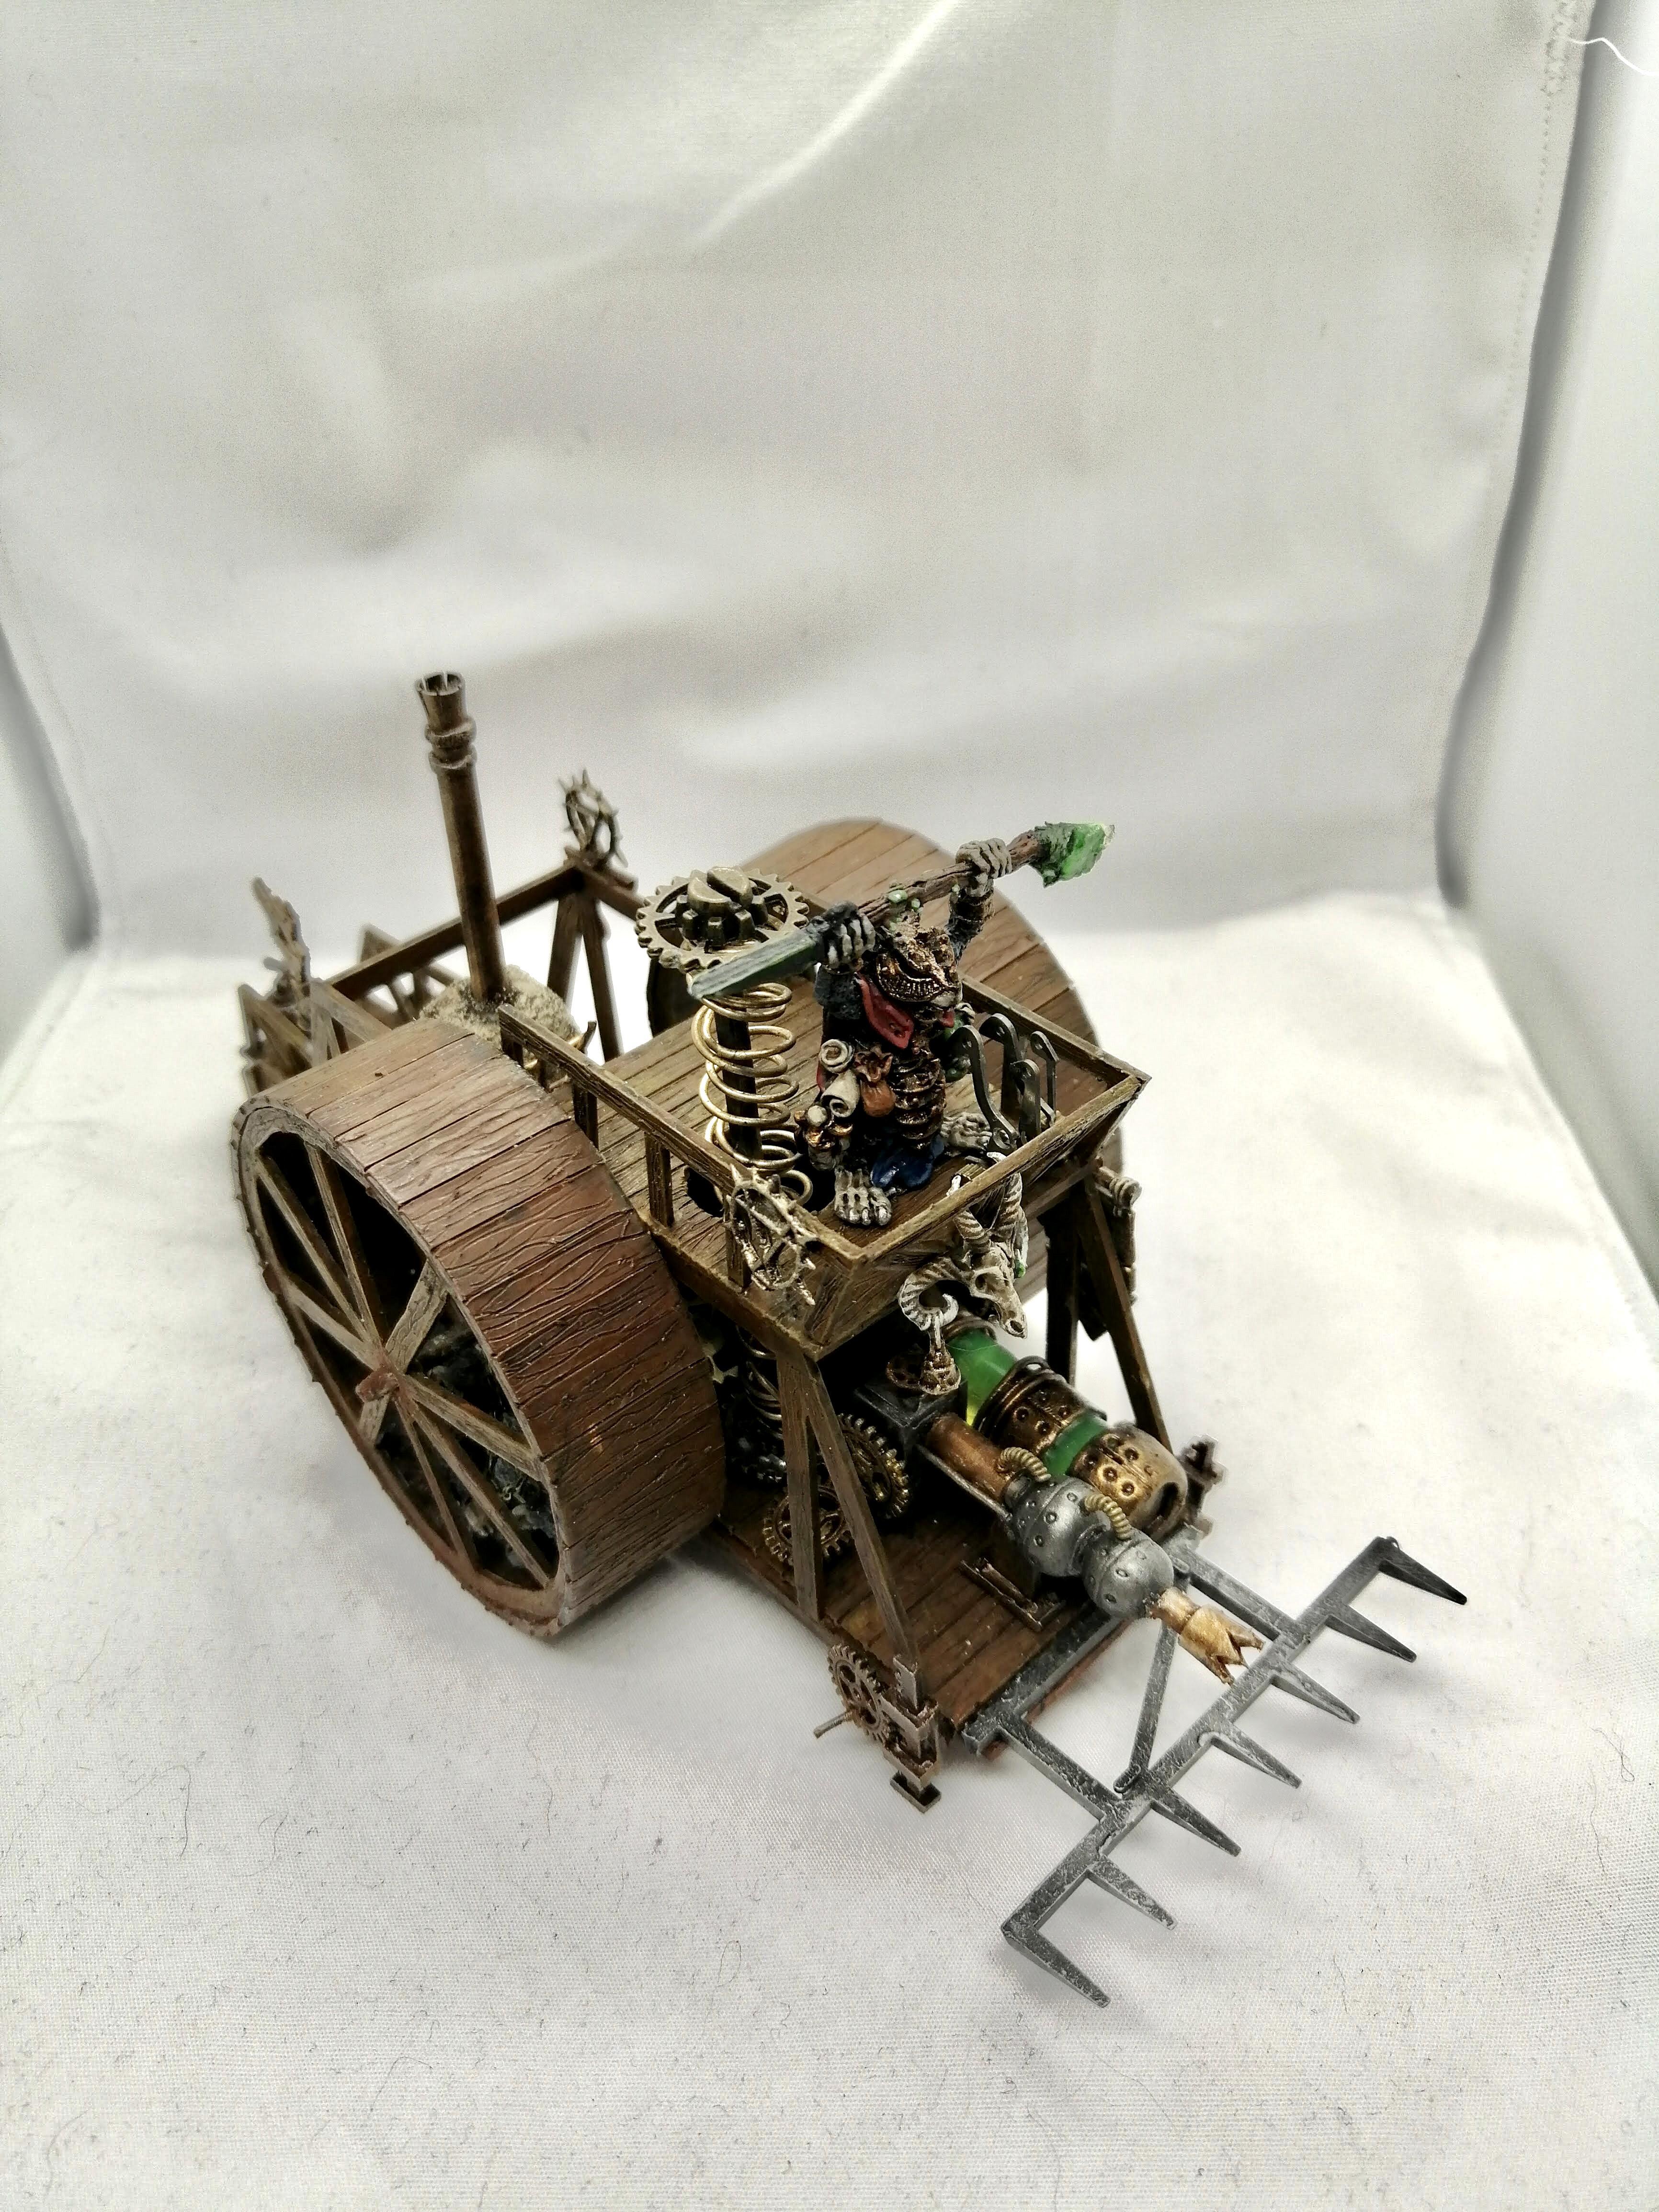 Oldhammer, Scratch Build, Skaven, Skryre, Warhammer Fantasy